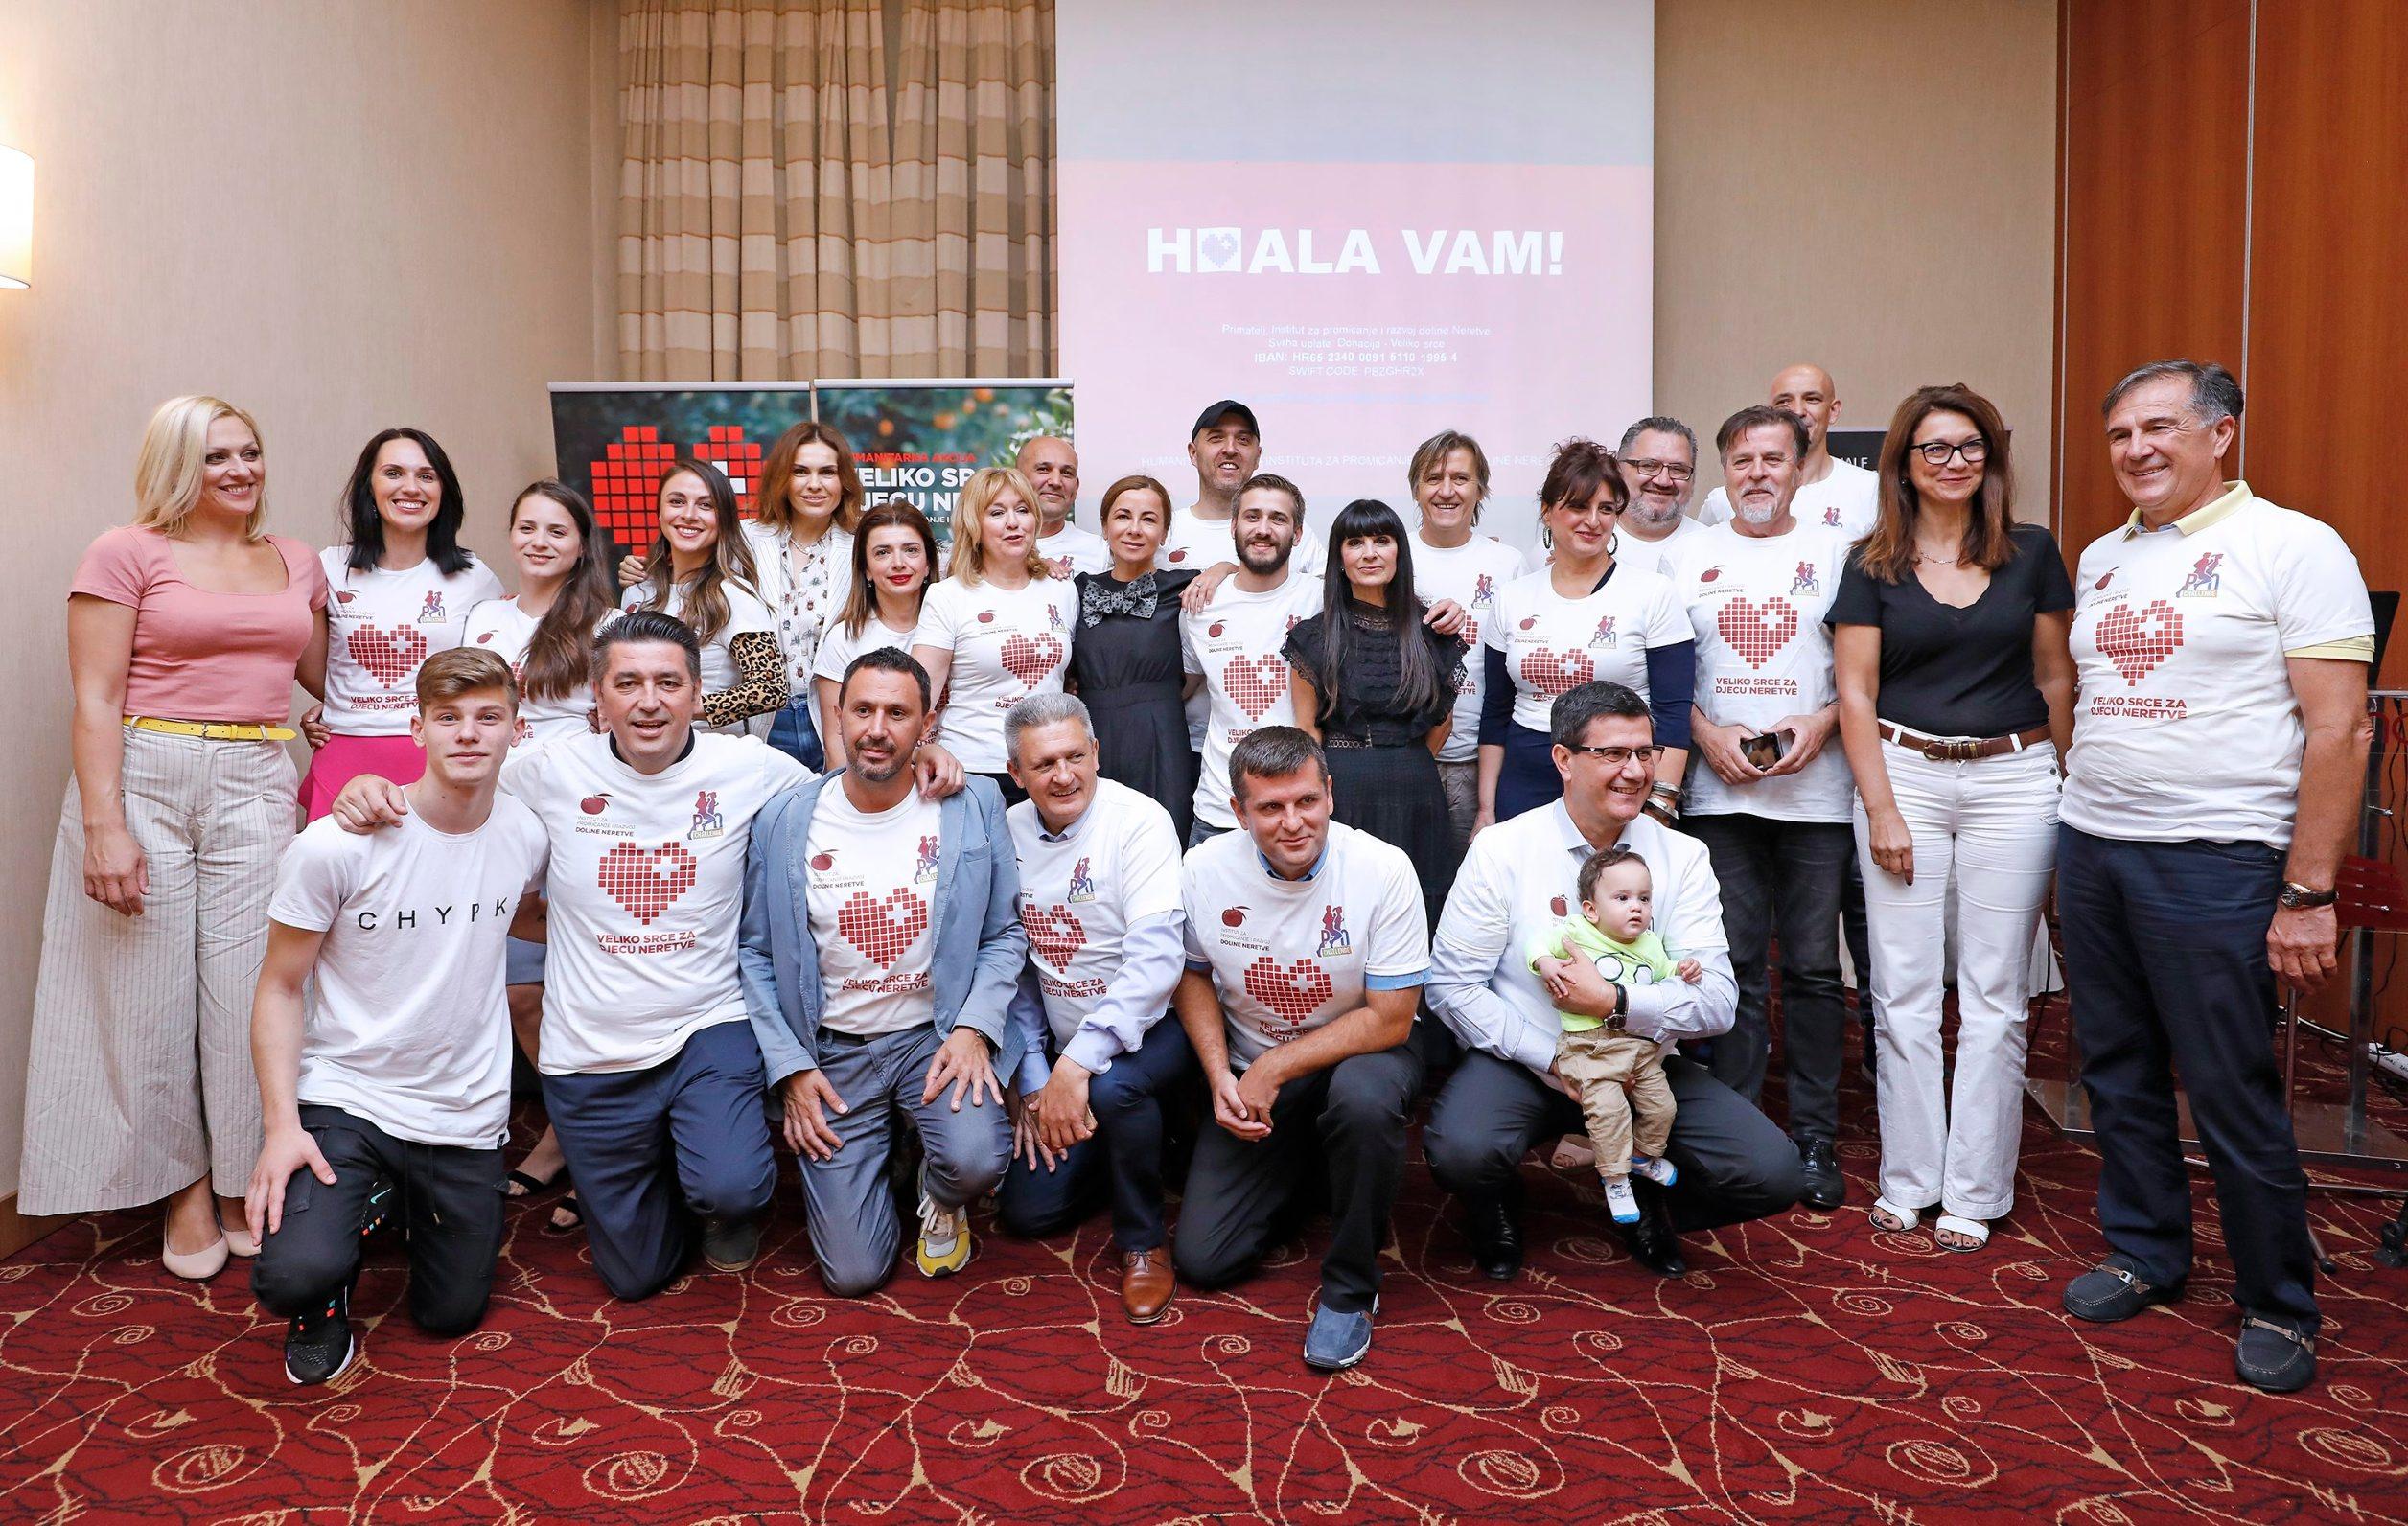 Konferencija za medije održana je u zagrebačkom hotelu International.